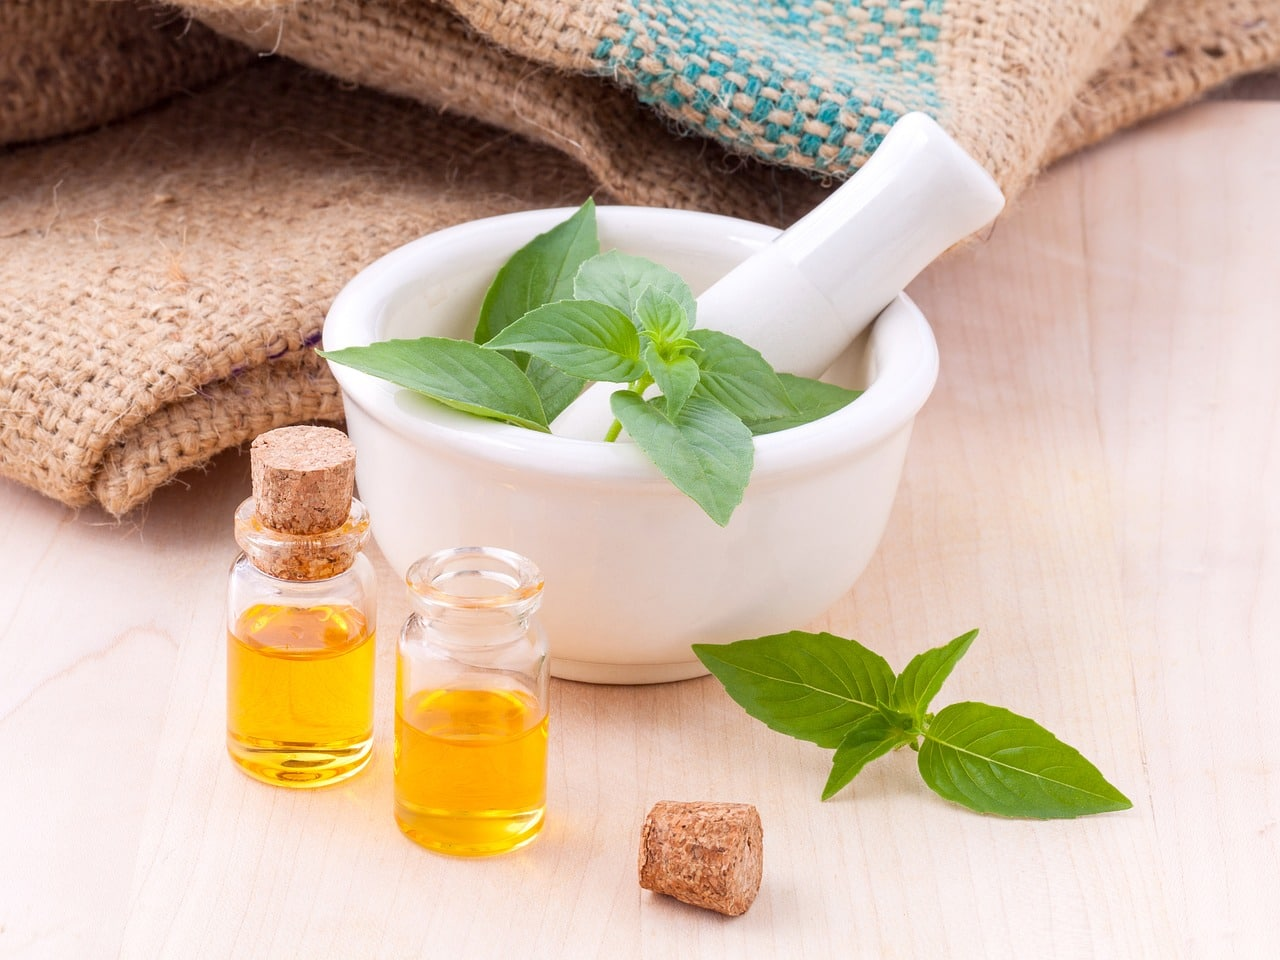 lemon oil for sensitive skin